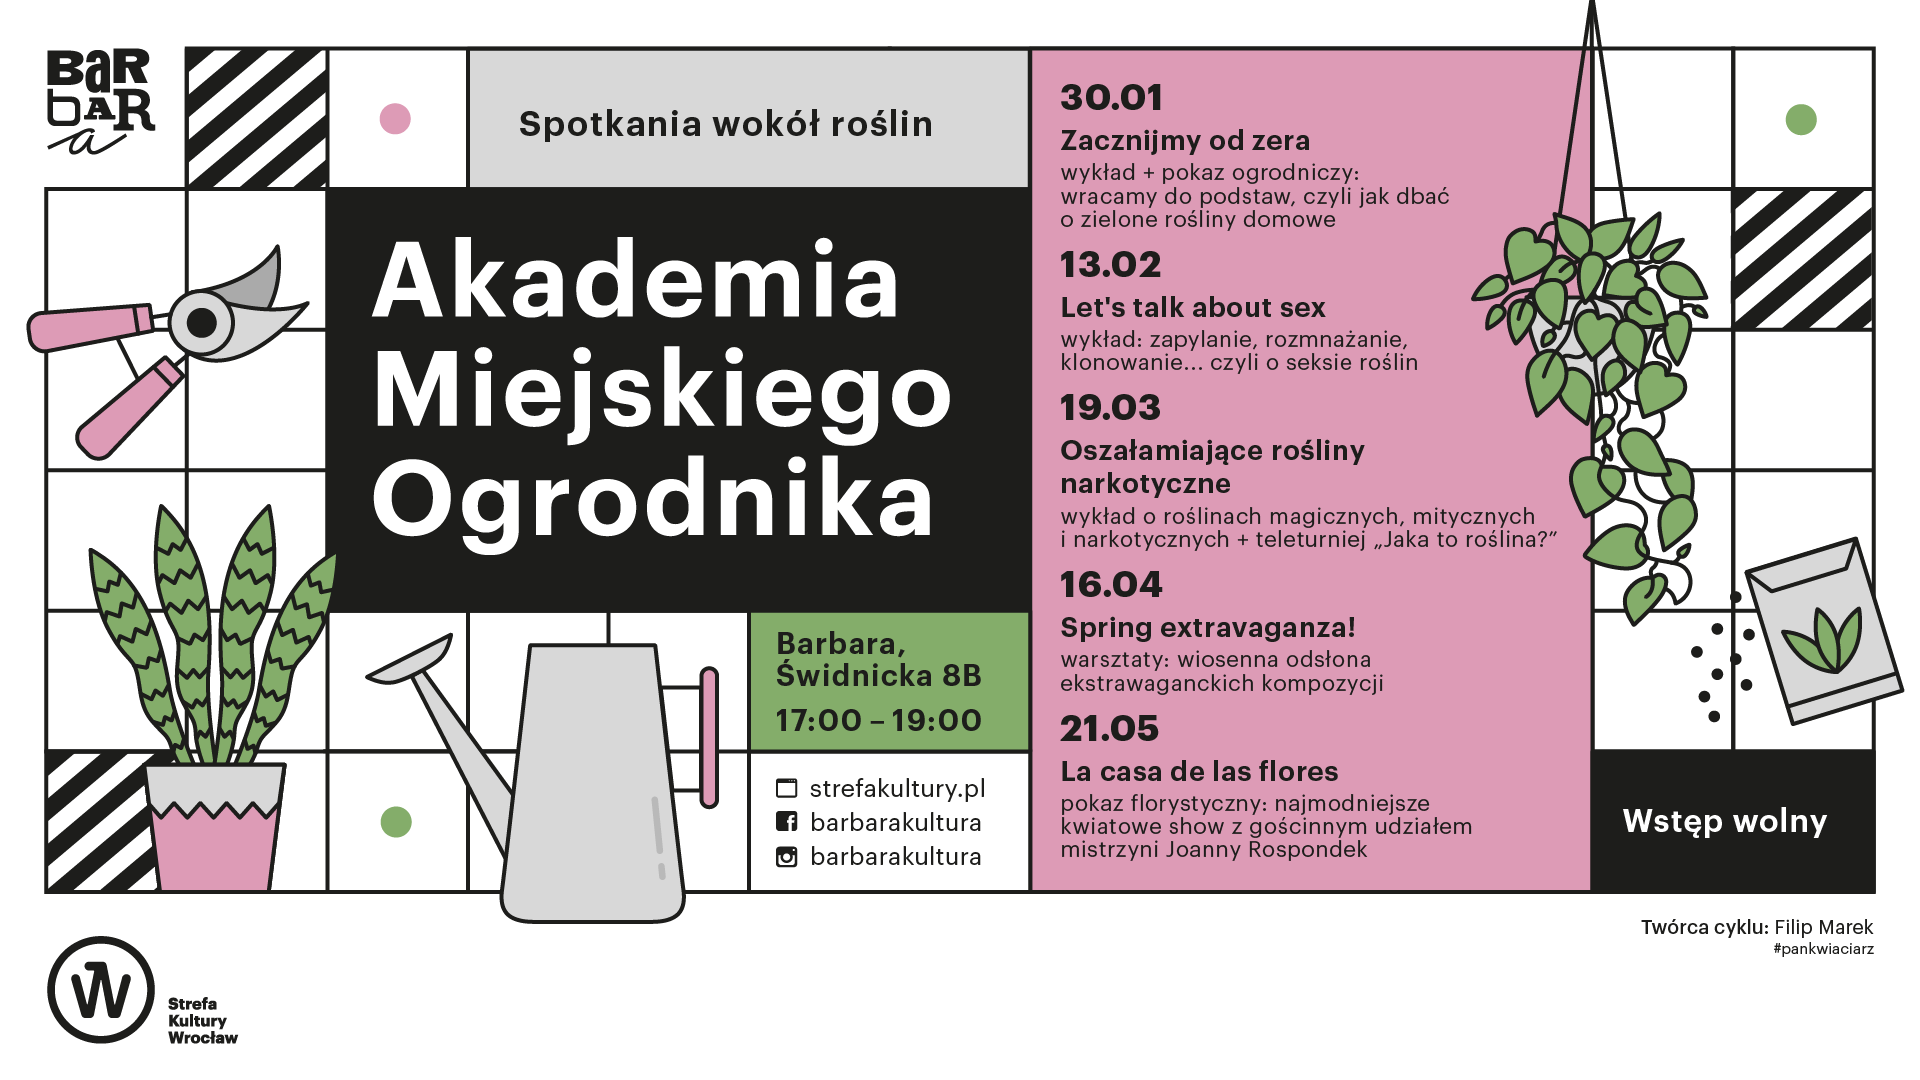 Koncert - Wiadomoci Gawex Media - Szczecinek, Koobrzeg